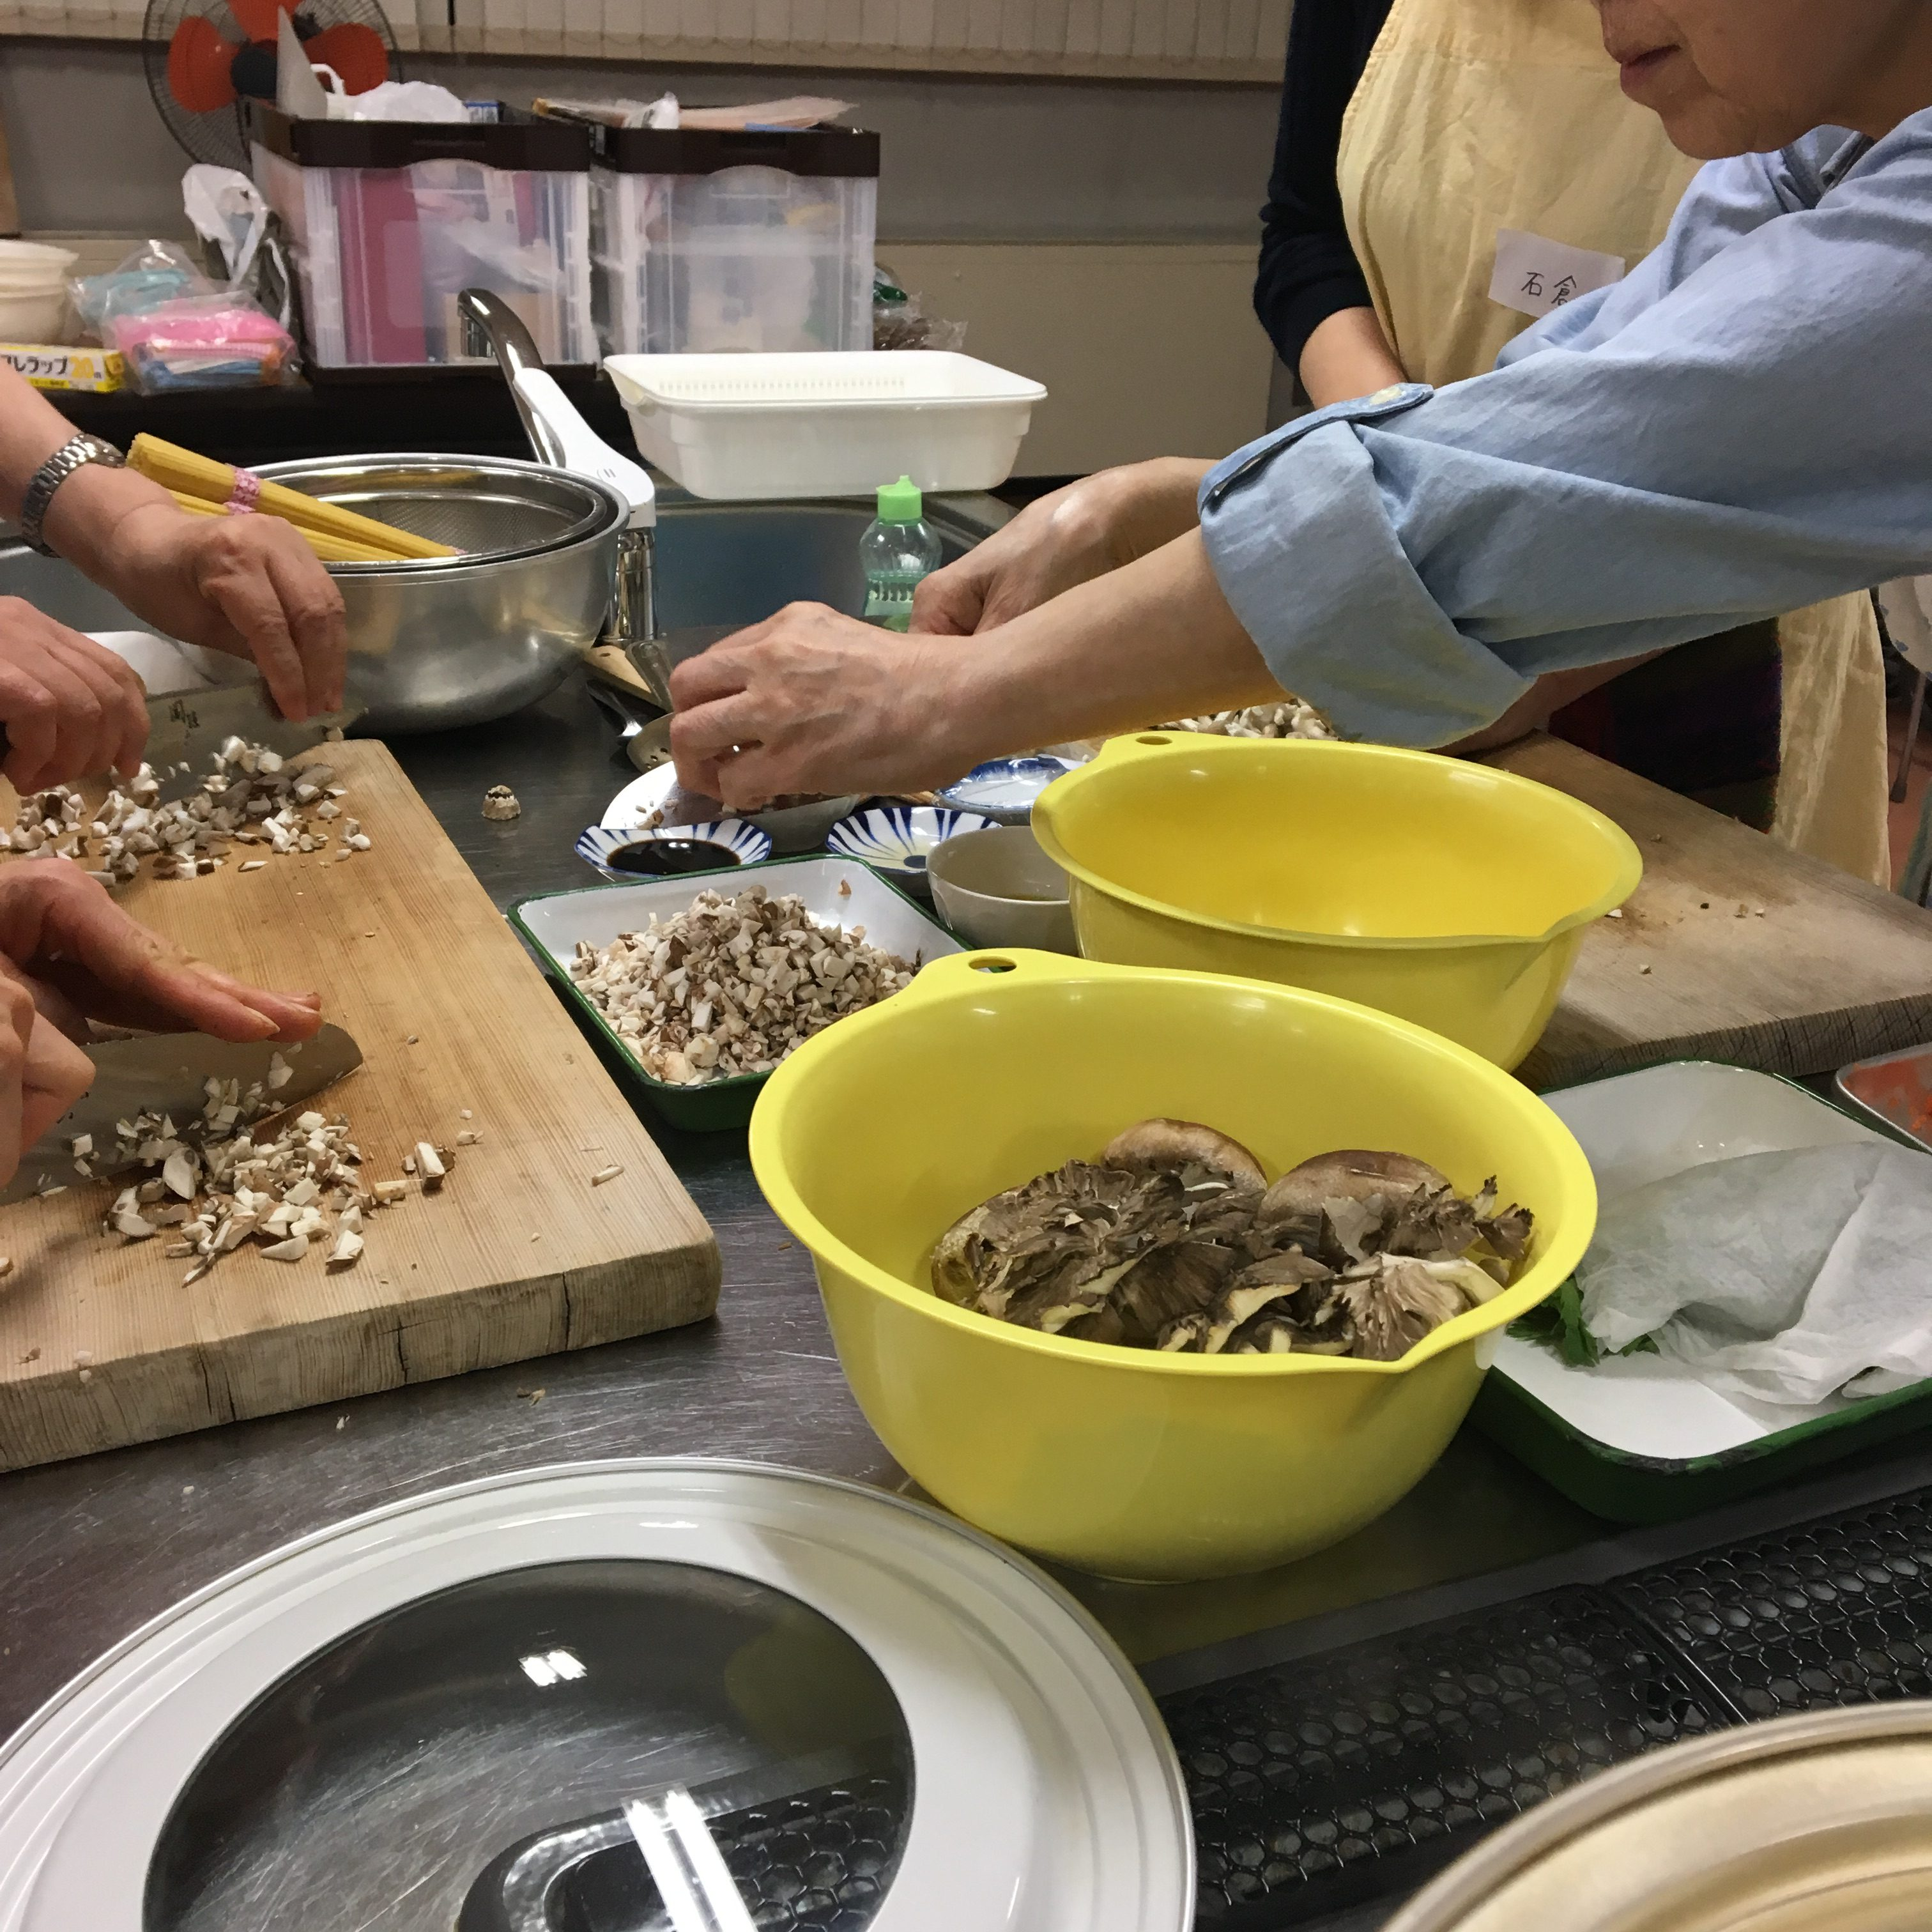 【料理教室講師】千代田区健康推進事業「ワンプレートよるおそごはん」きのこできれい